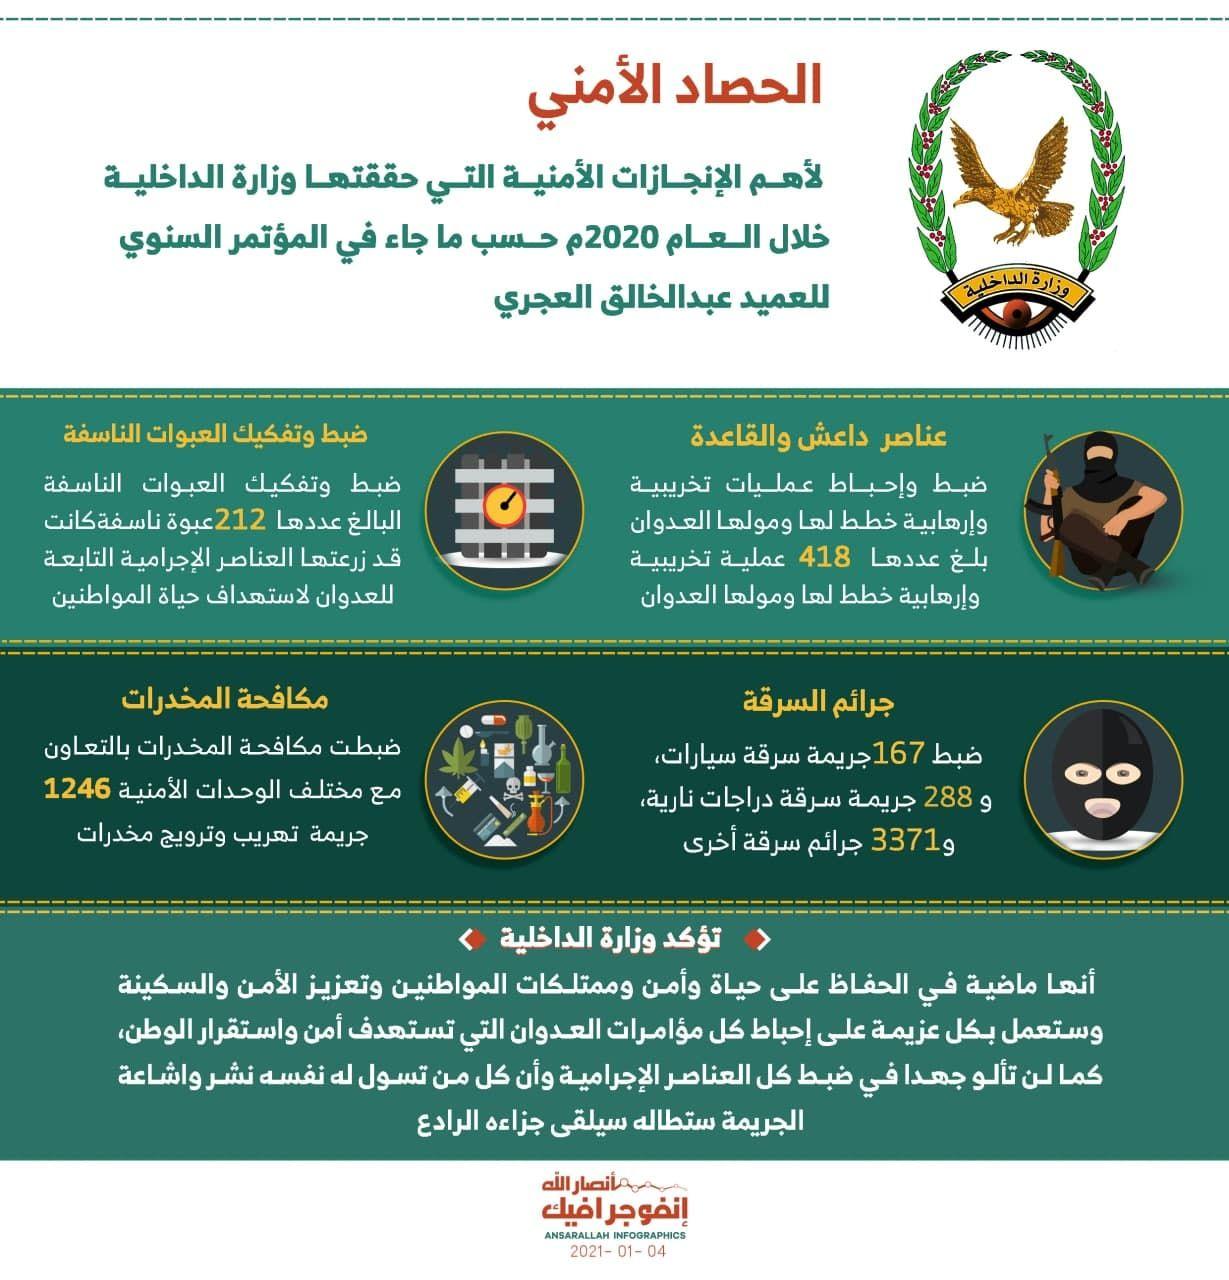 الداخلية تكشف عن إنجازاتها خلال 2020 In 2021 Yemen